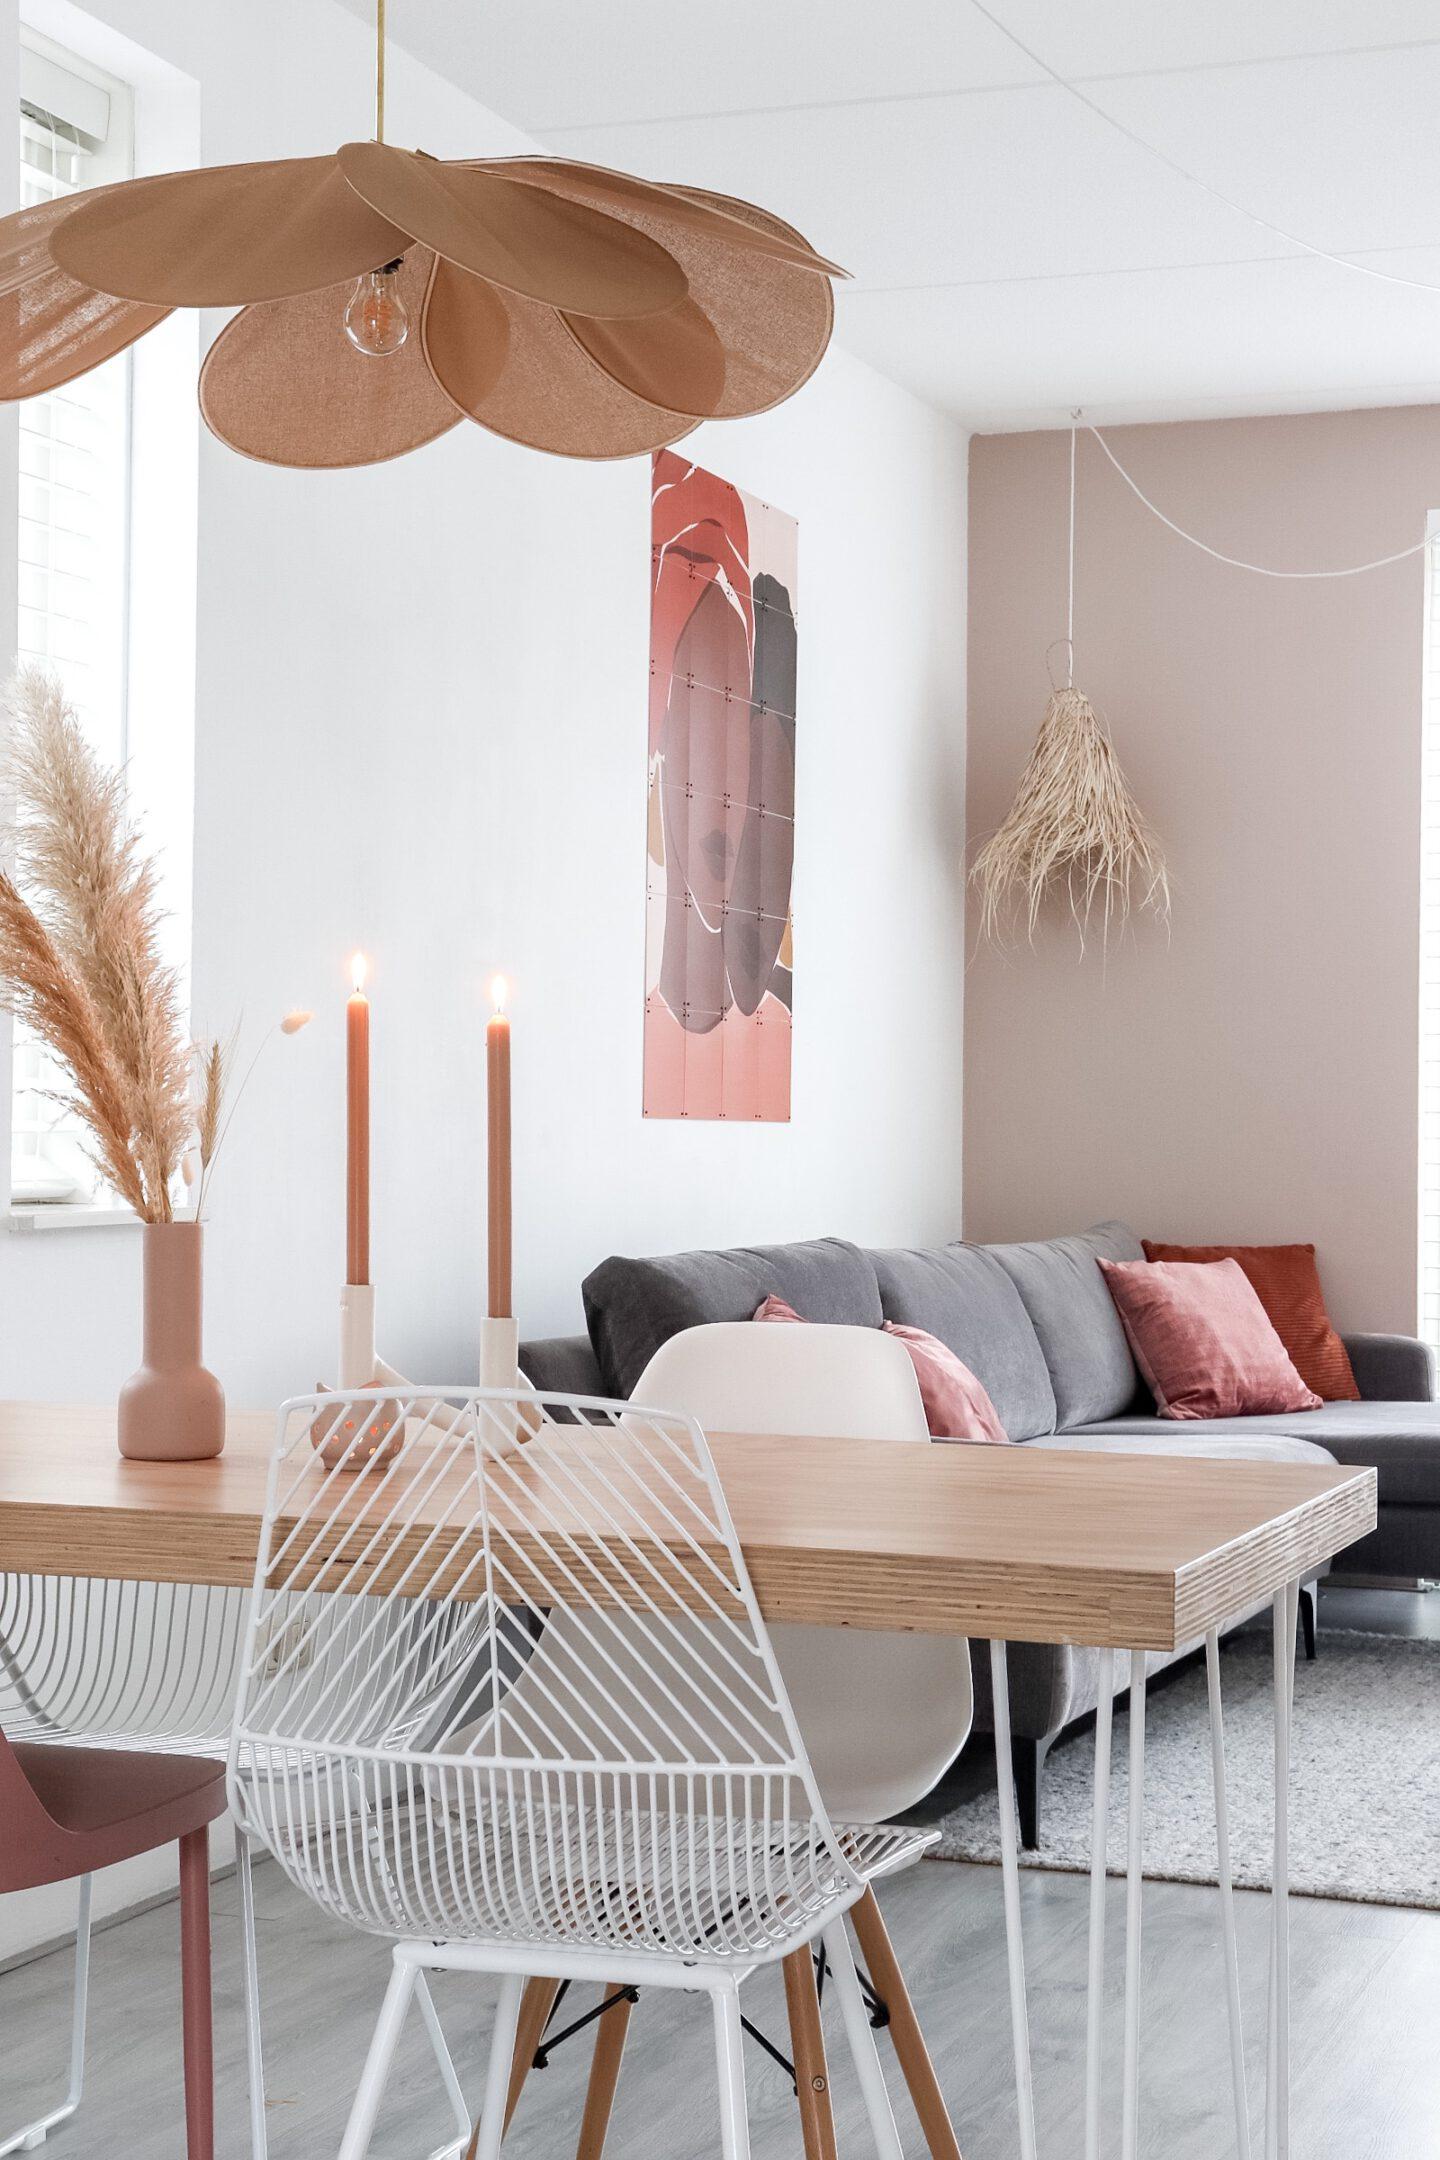 Georges Store Blade hanglamp in de kleur nude ombre